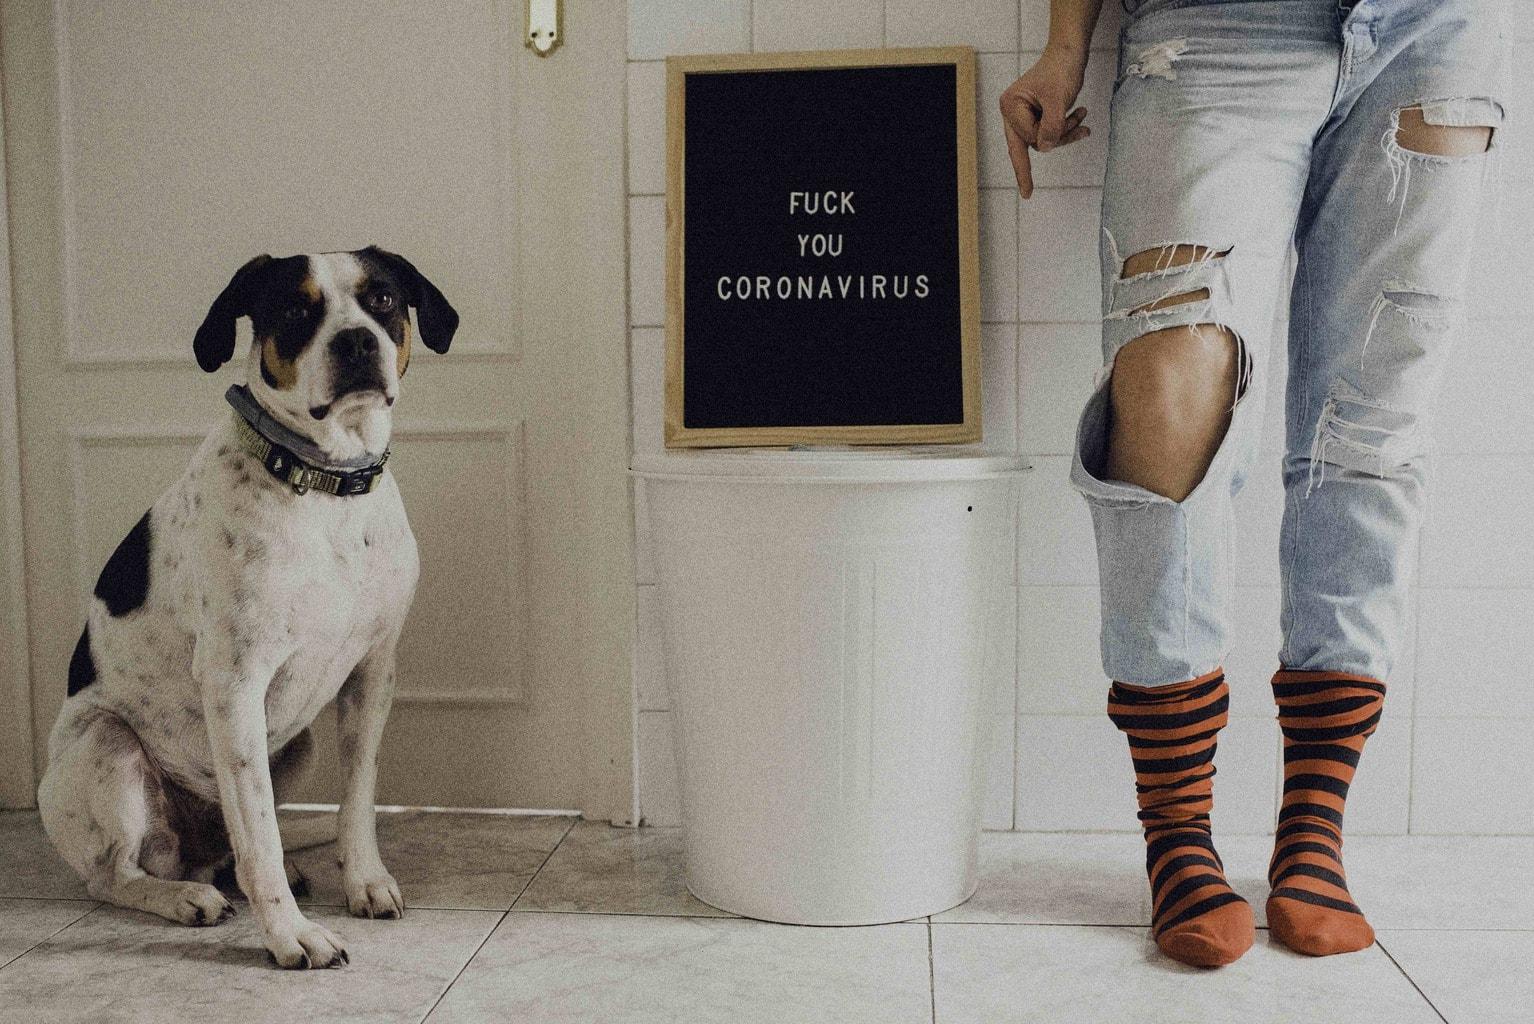 Autorretrato donde se ven solo las piernas y un perro y una pizarra con mensaje